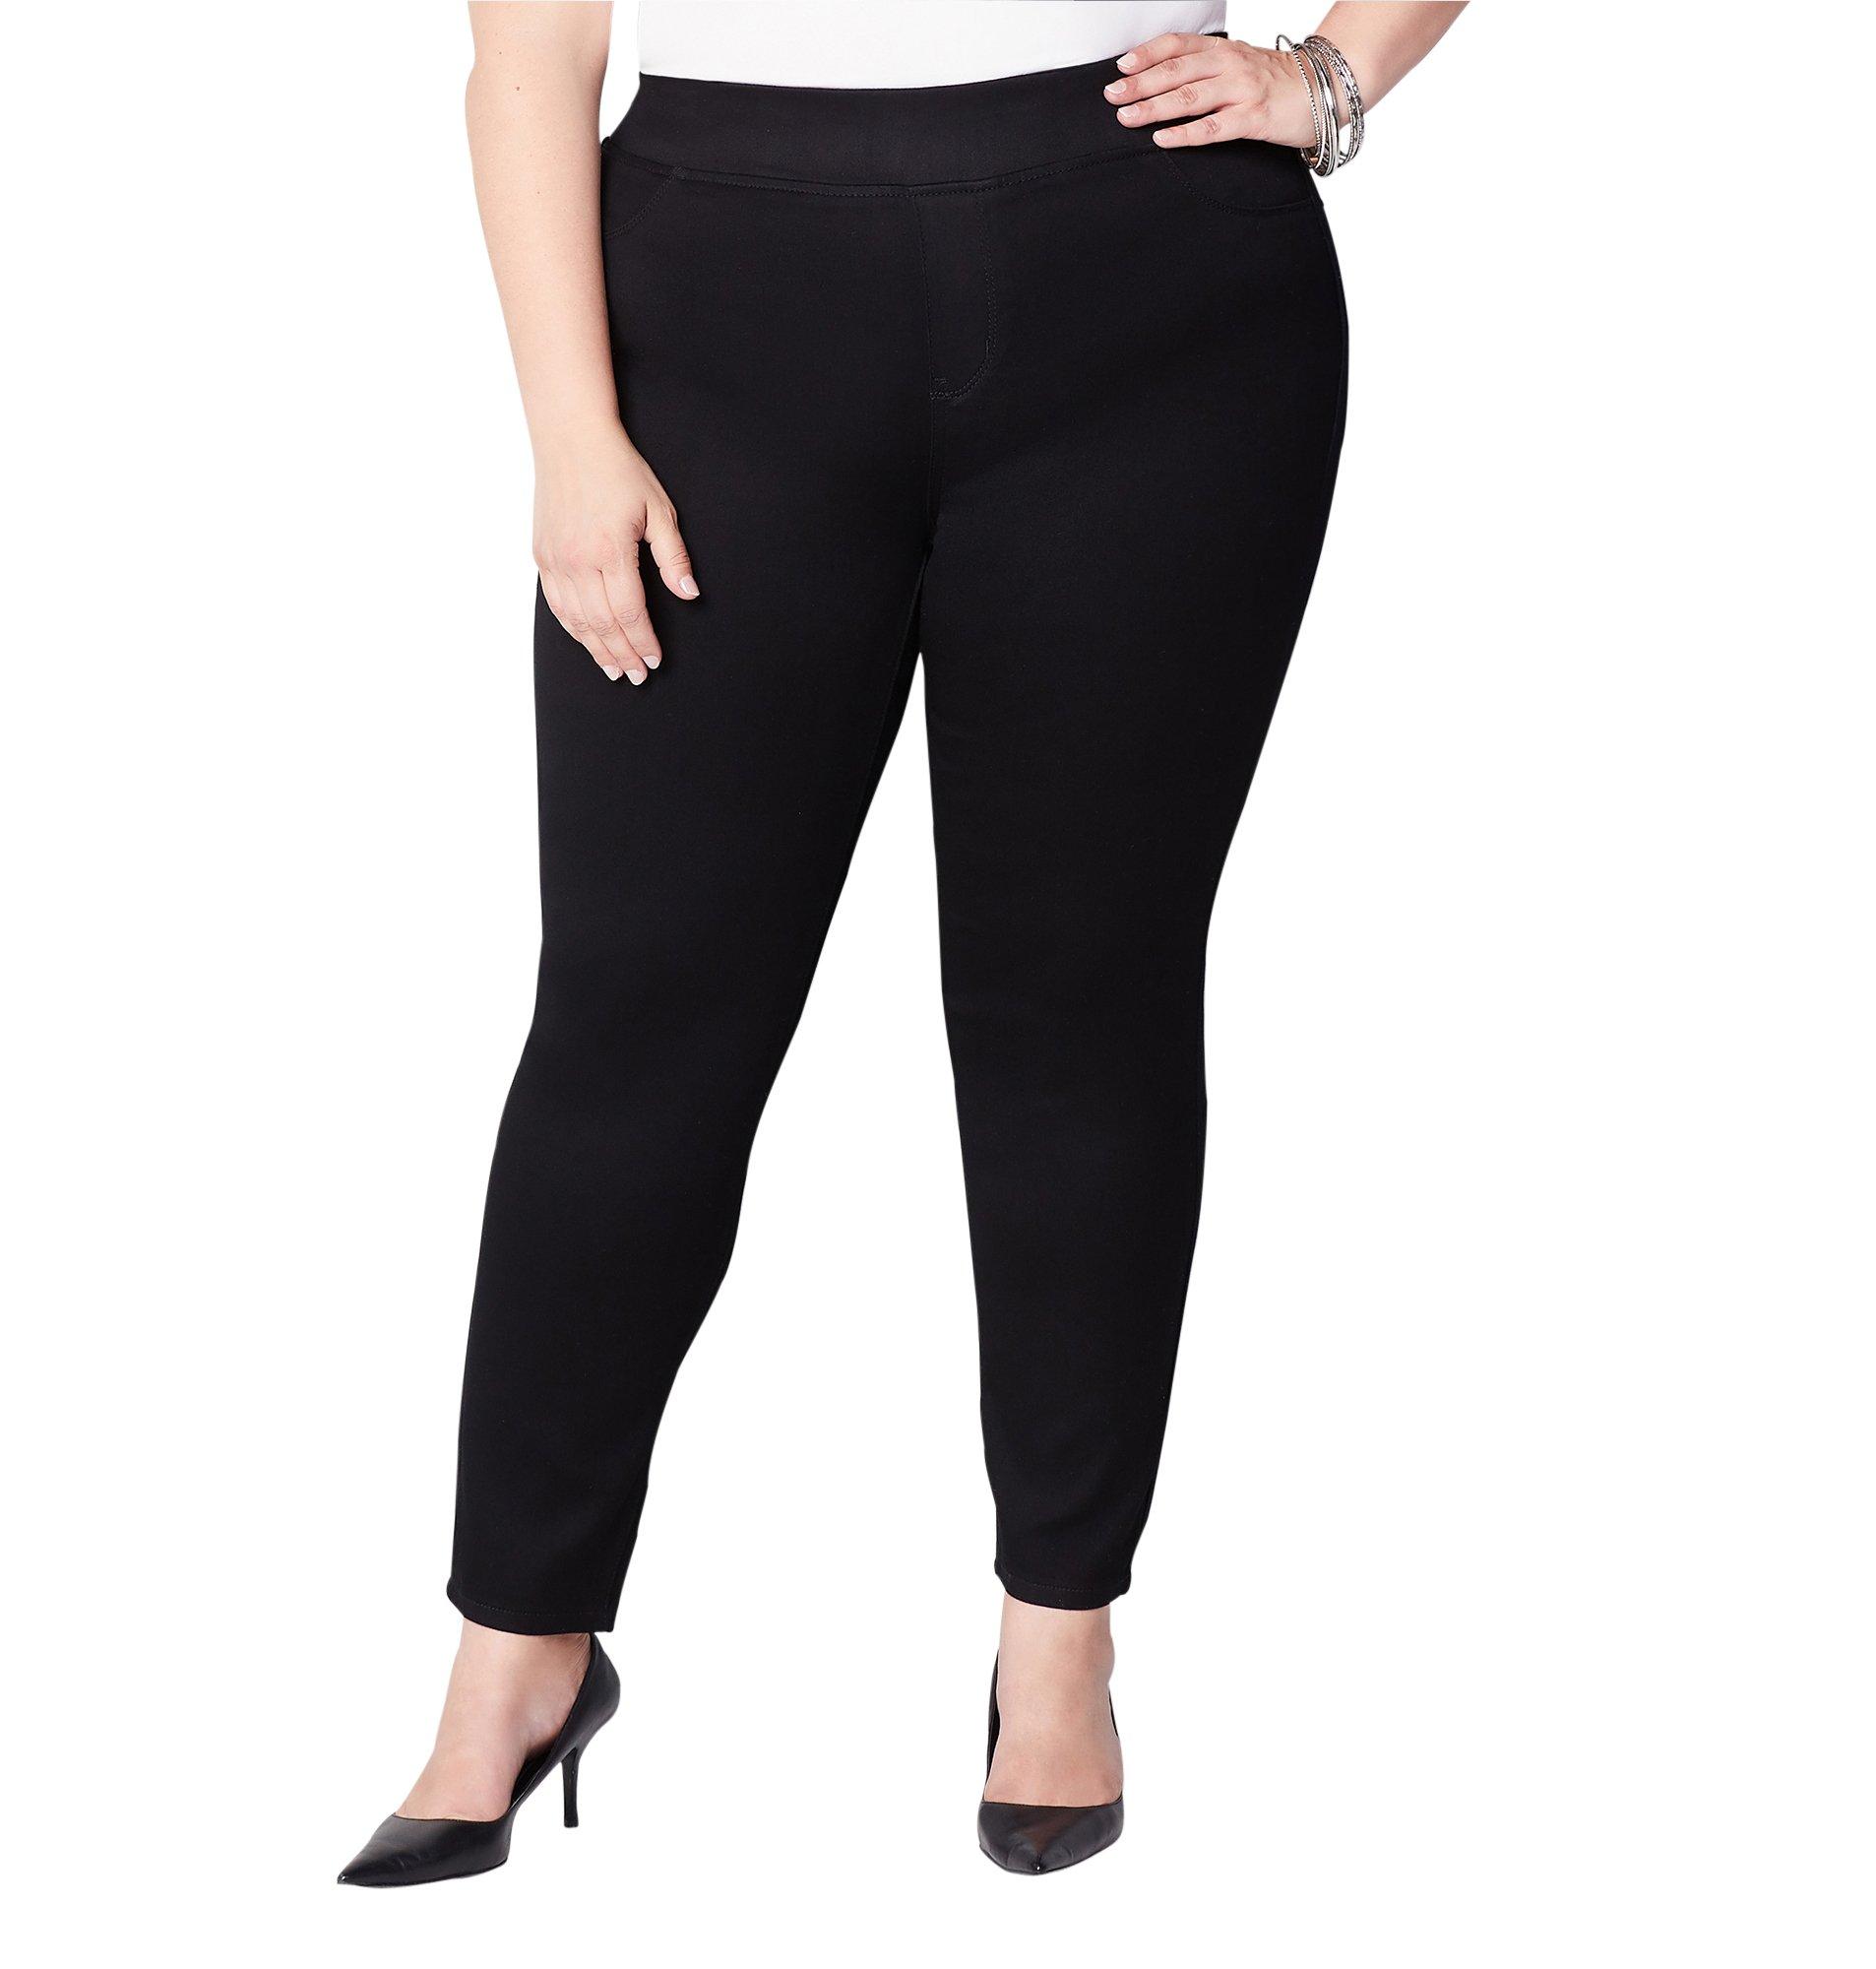 Avenue Women's Butter Denim Pull-On Skinny Jean in Black, 30 Black